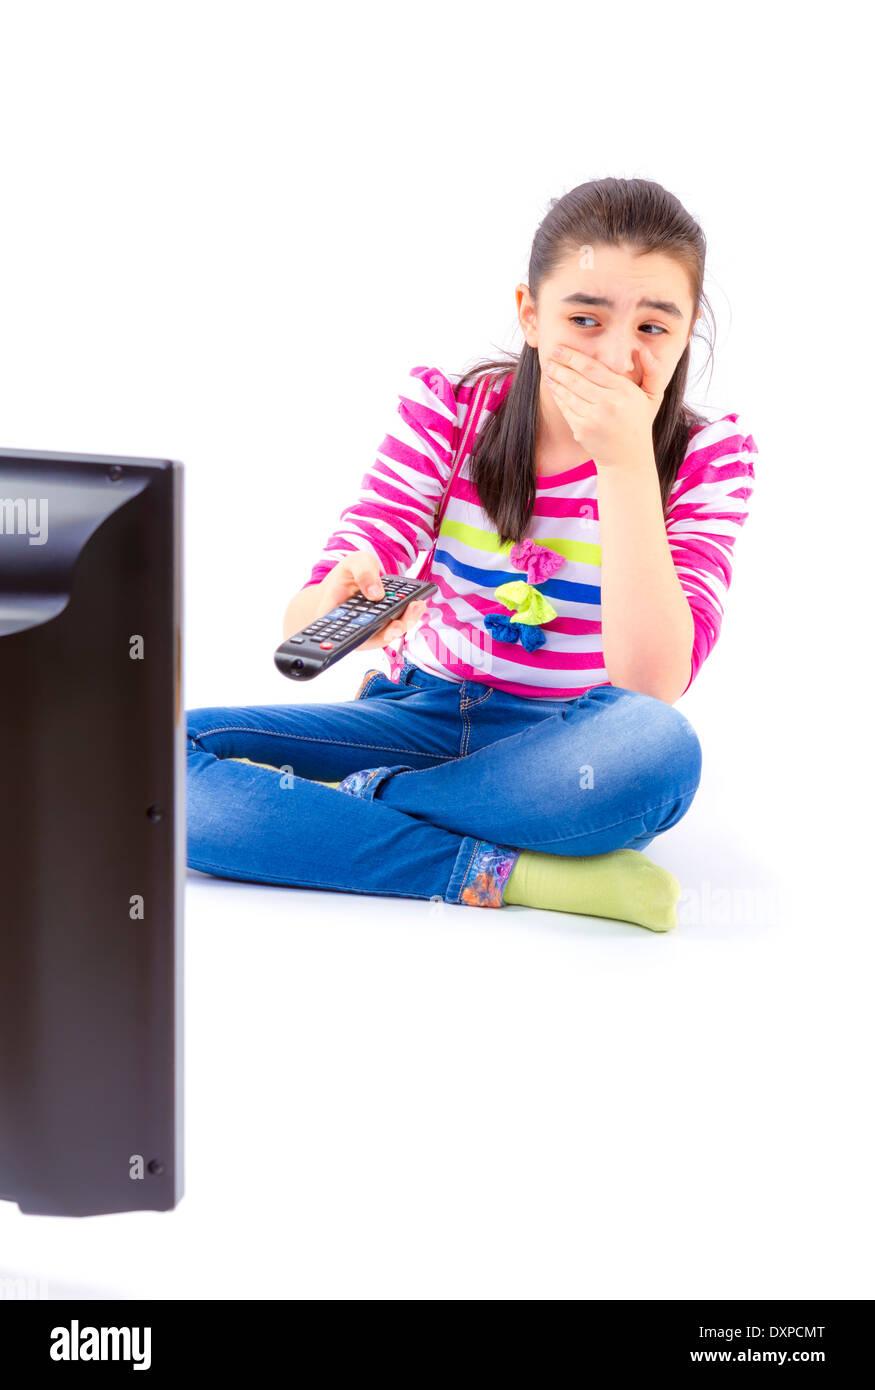 Angst vor kleinen Mädchen vor dem Fernseher Stockbild